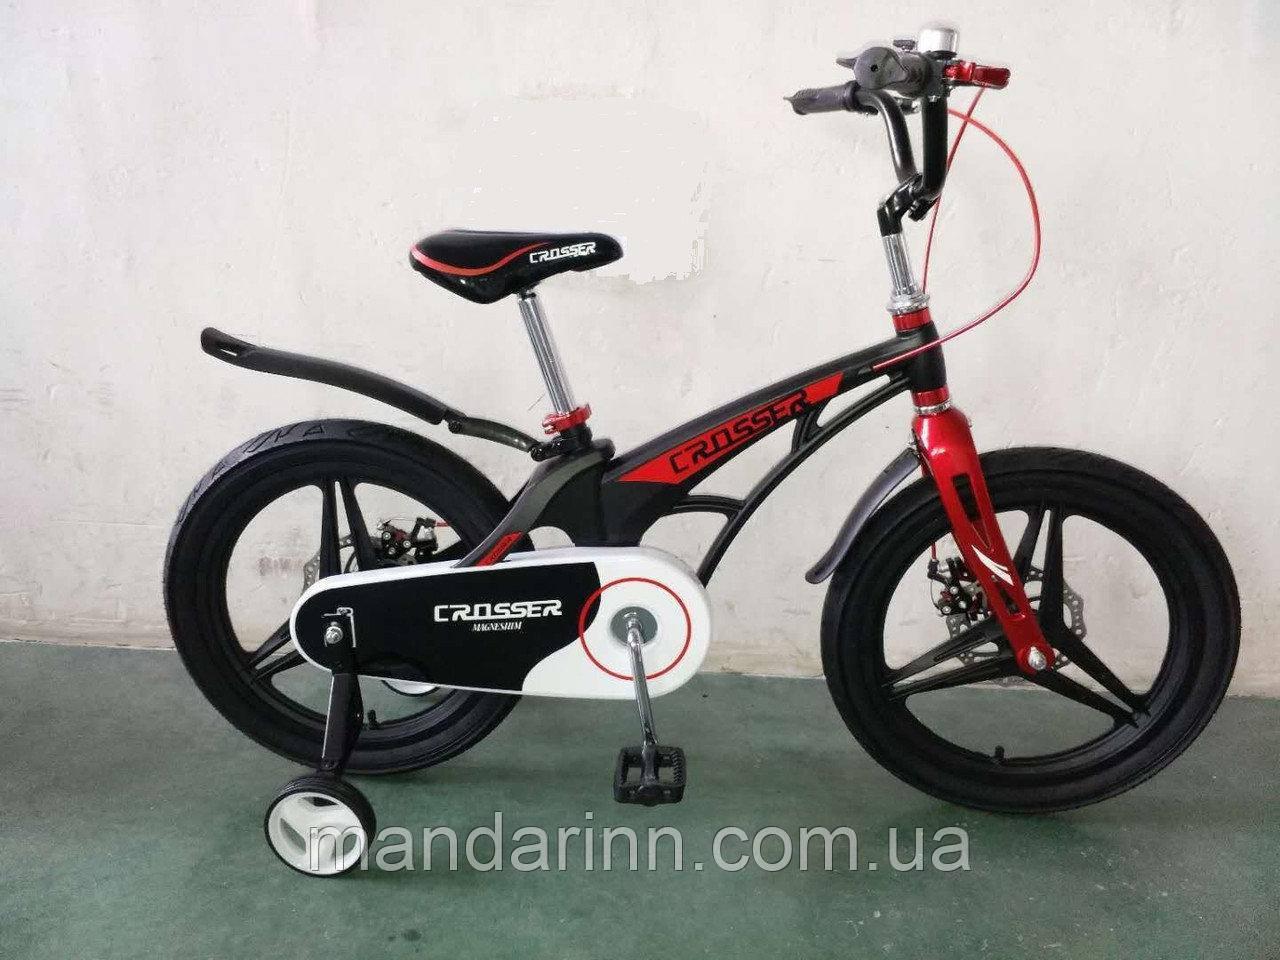 """Детский Велосипед """"Crosser-16""""Черный. Суперлегкий.Премиум"""